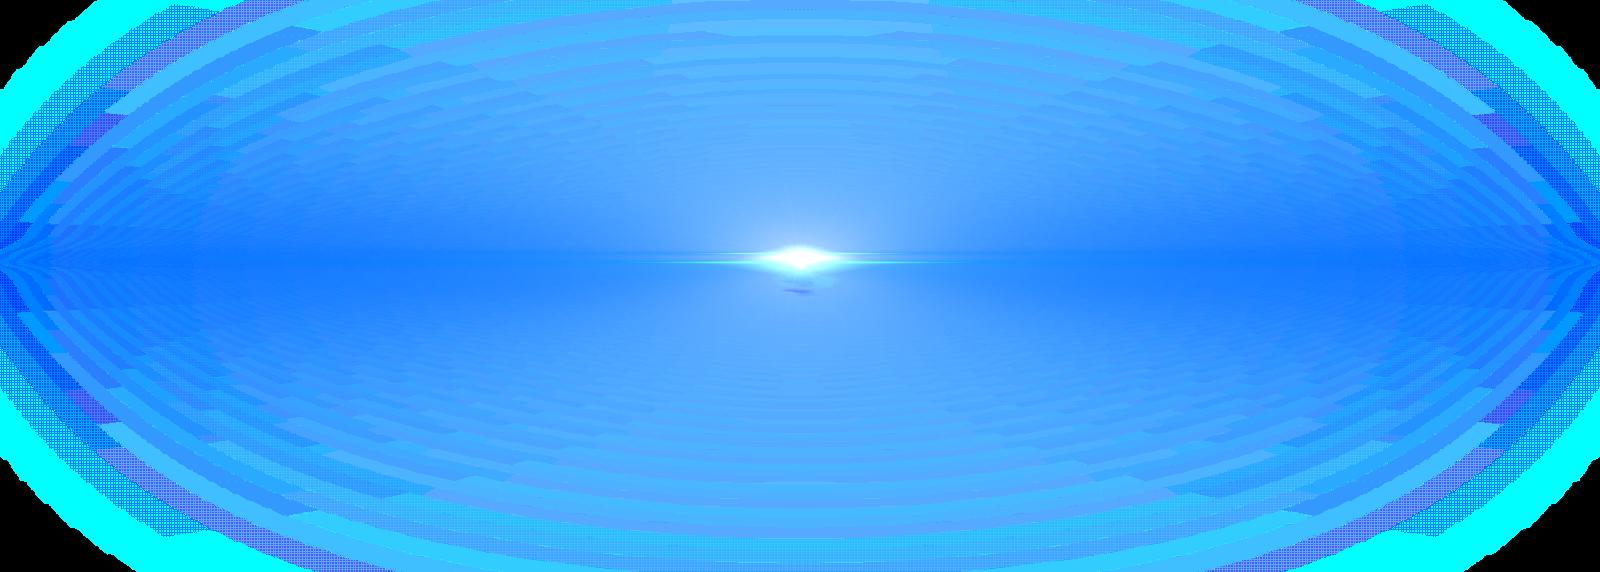 Optical Flare Transparent Download Blue Lens Flares Png Png Download Transparent Png Image Lens Flare Optical Flares Blue Lenses